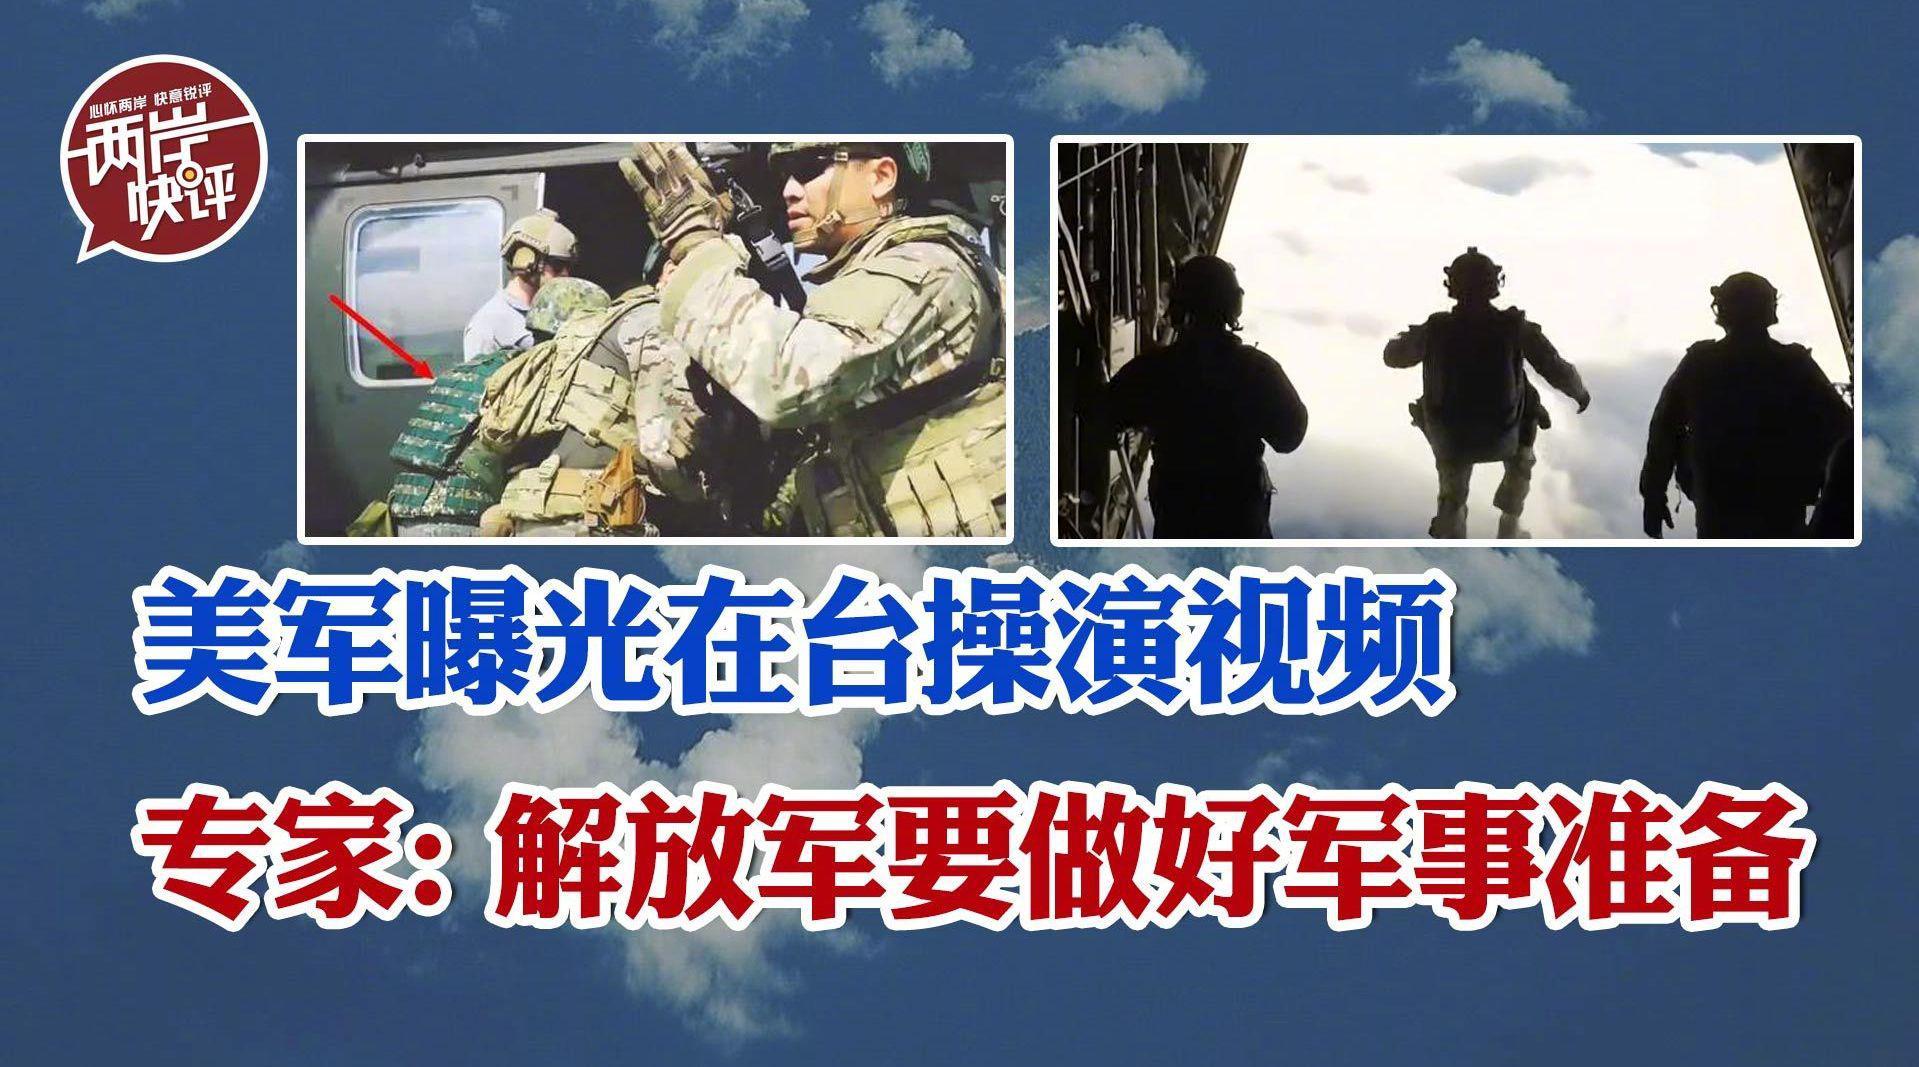 居心叵测!美军曝光在台操演视频,专家:解放军要做好军事准备